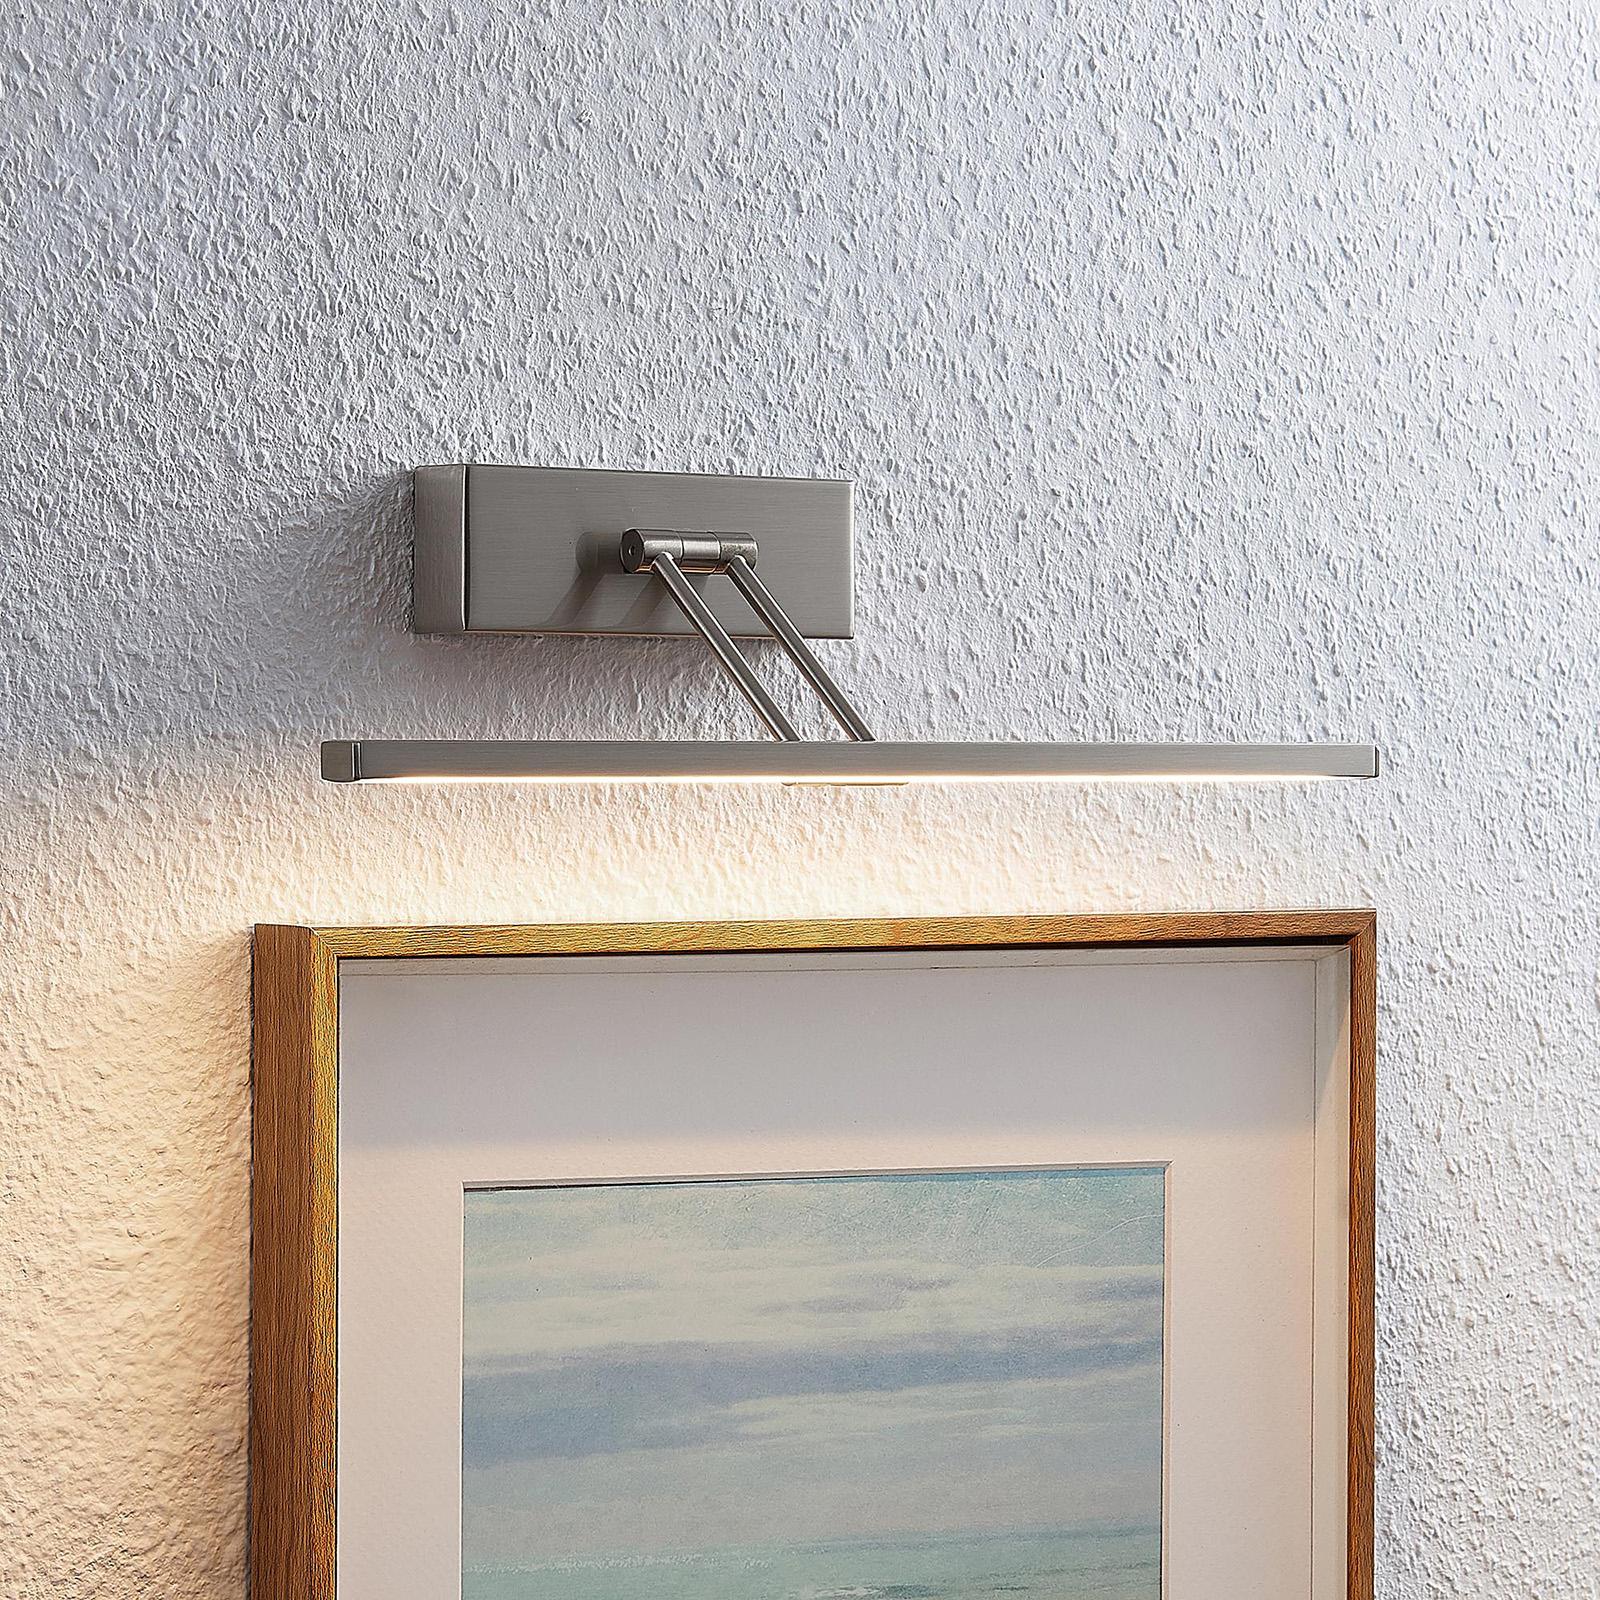 Lucande Thibaud LED-Bilderleuchte, nickel, 35,4 cm